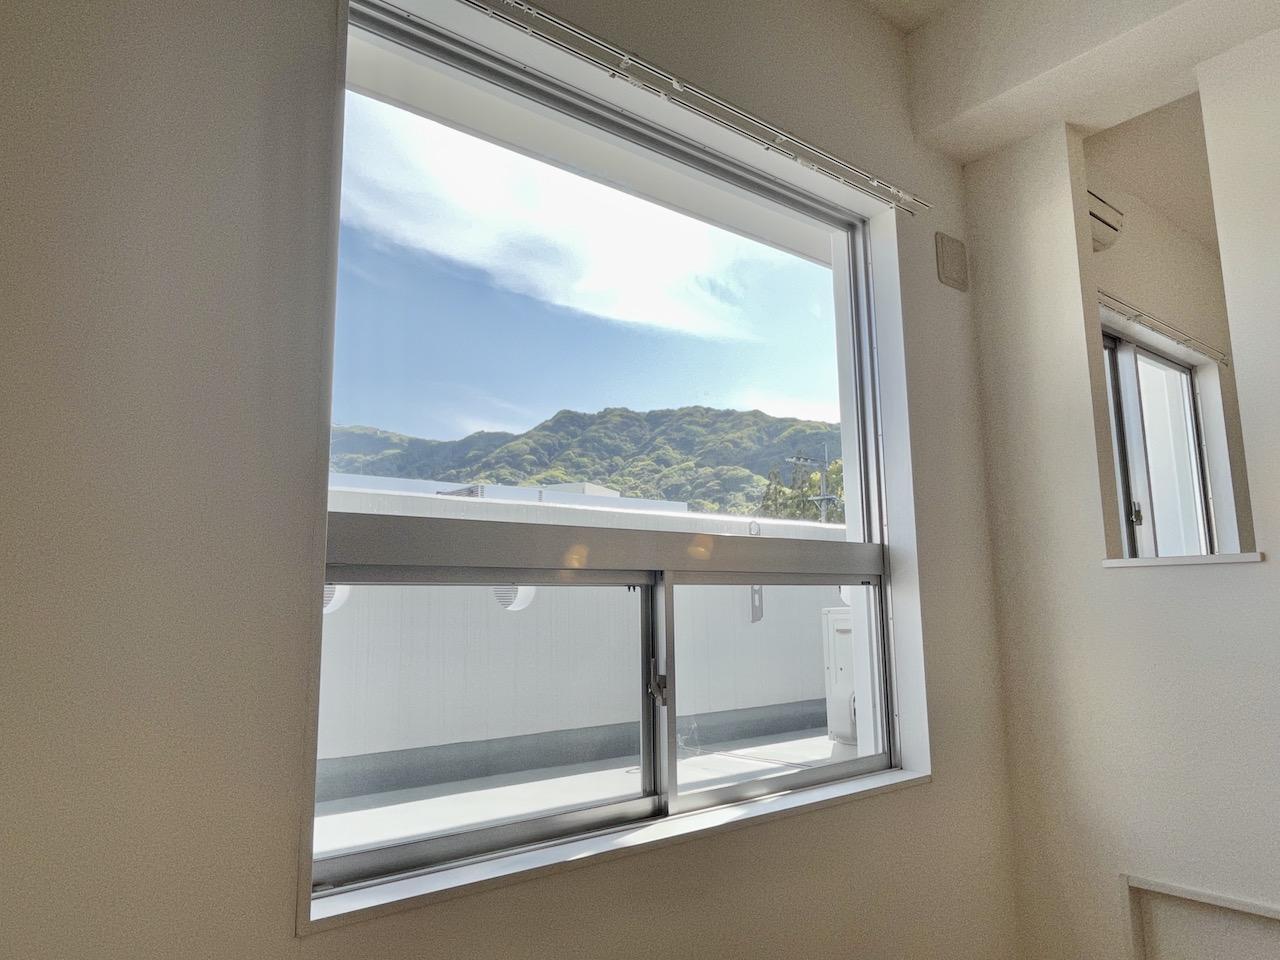 窓からマウンテン・ビュー